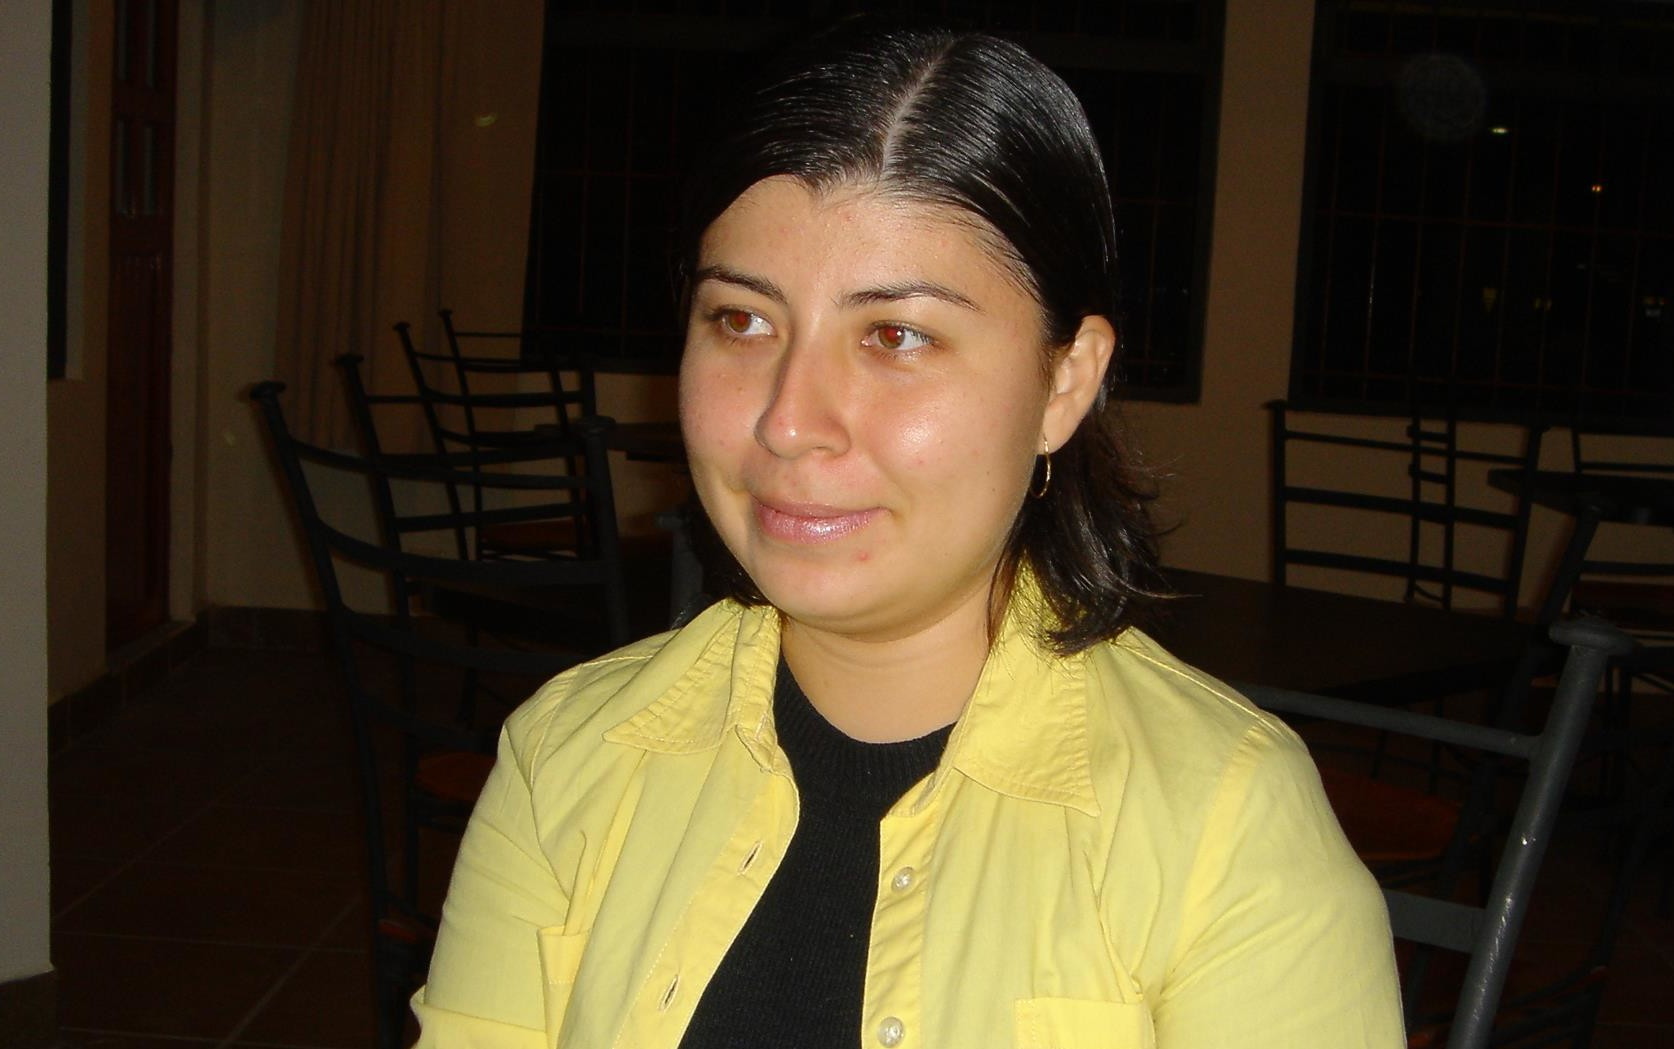 Aminta Altamirano